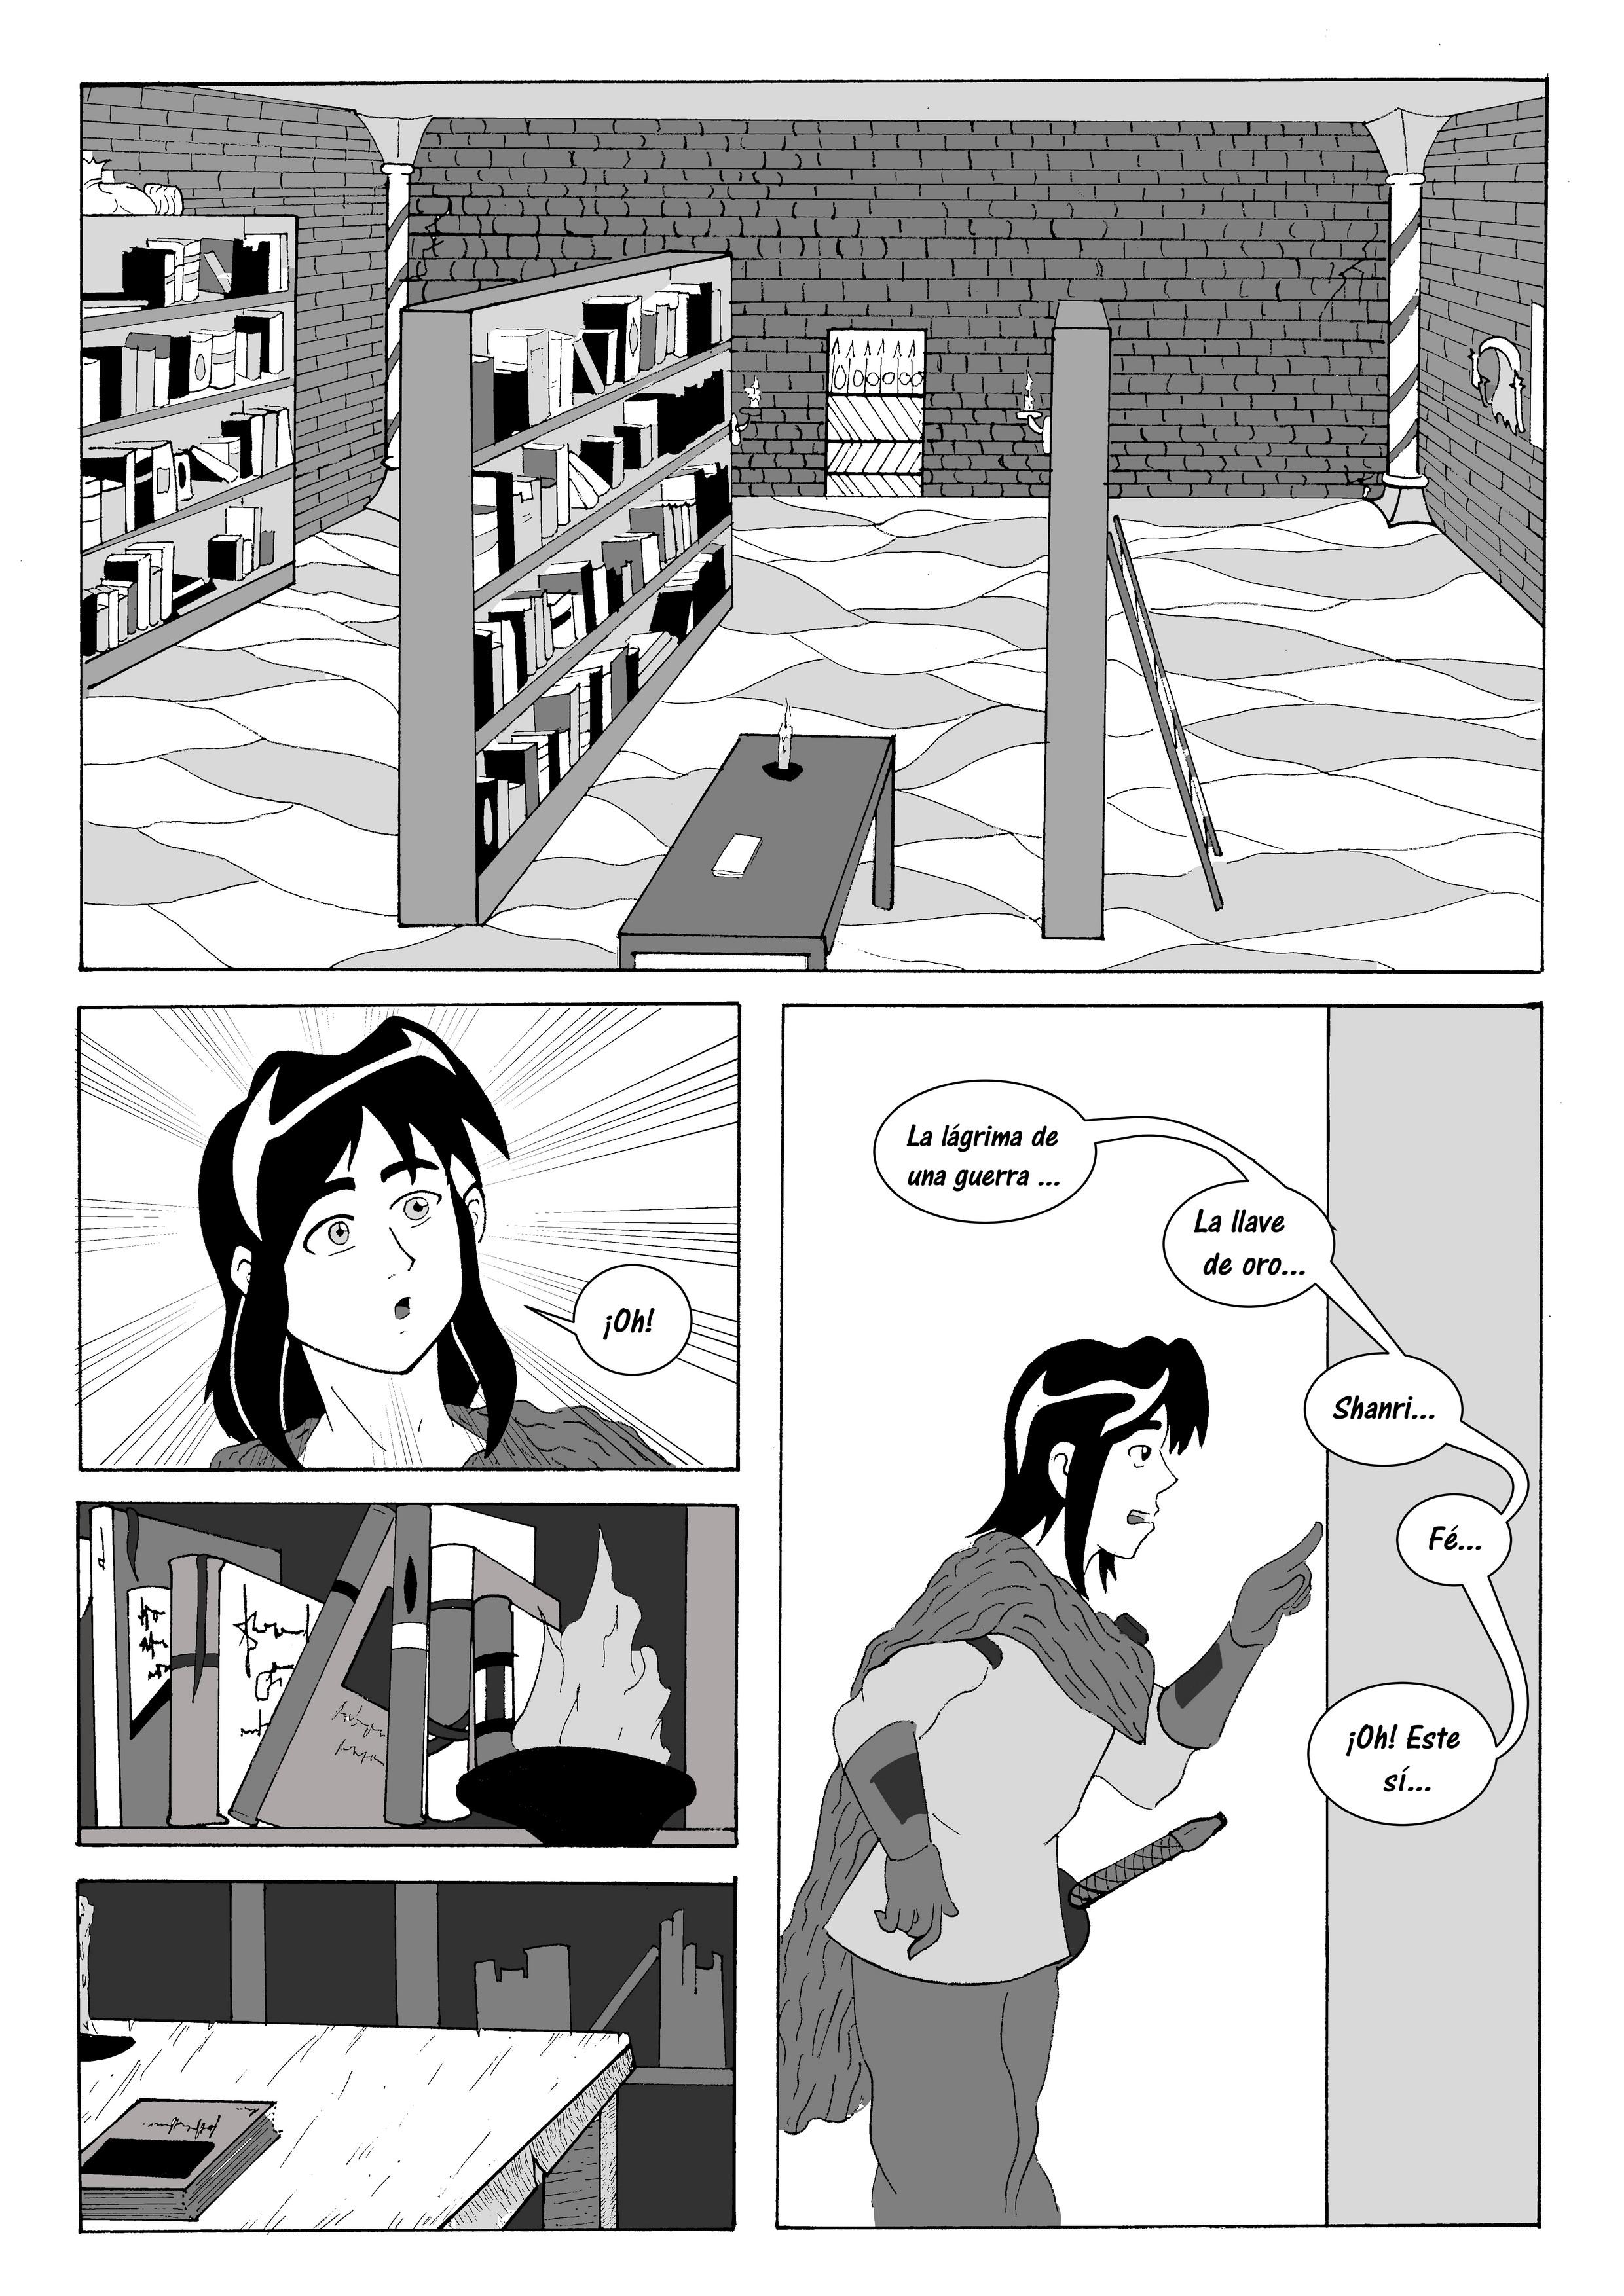 ENLACES PAGINA 17 GRISES